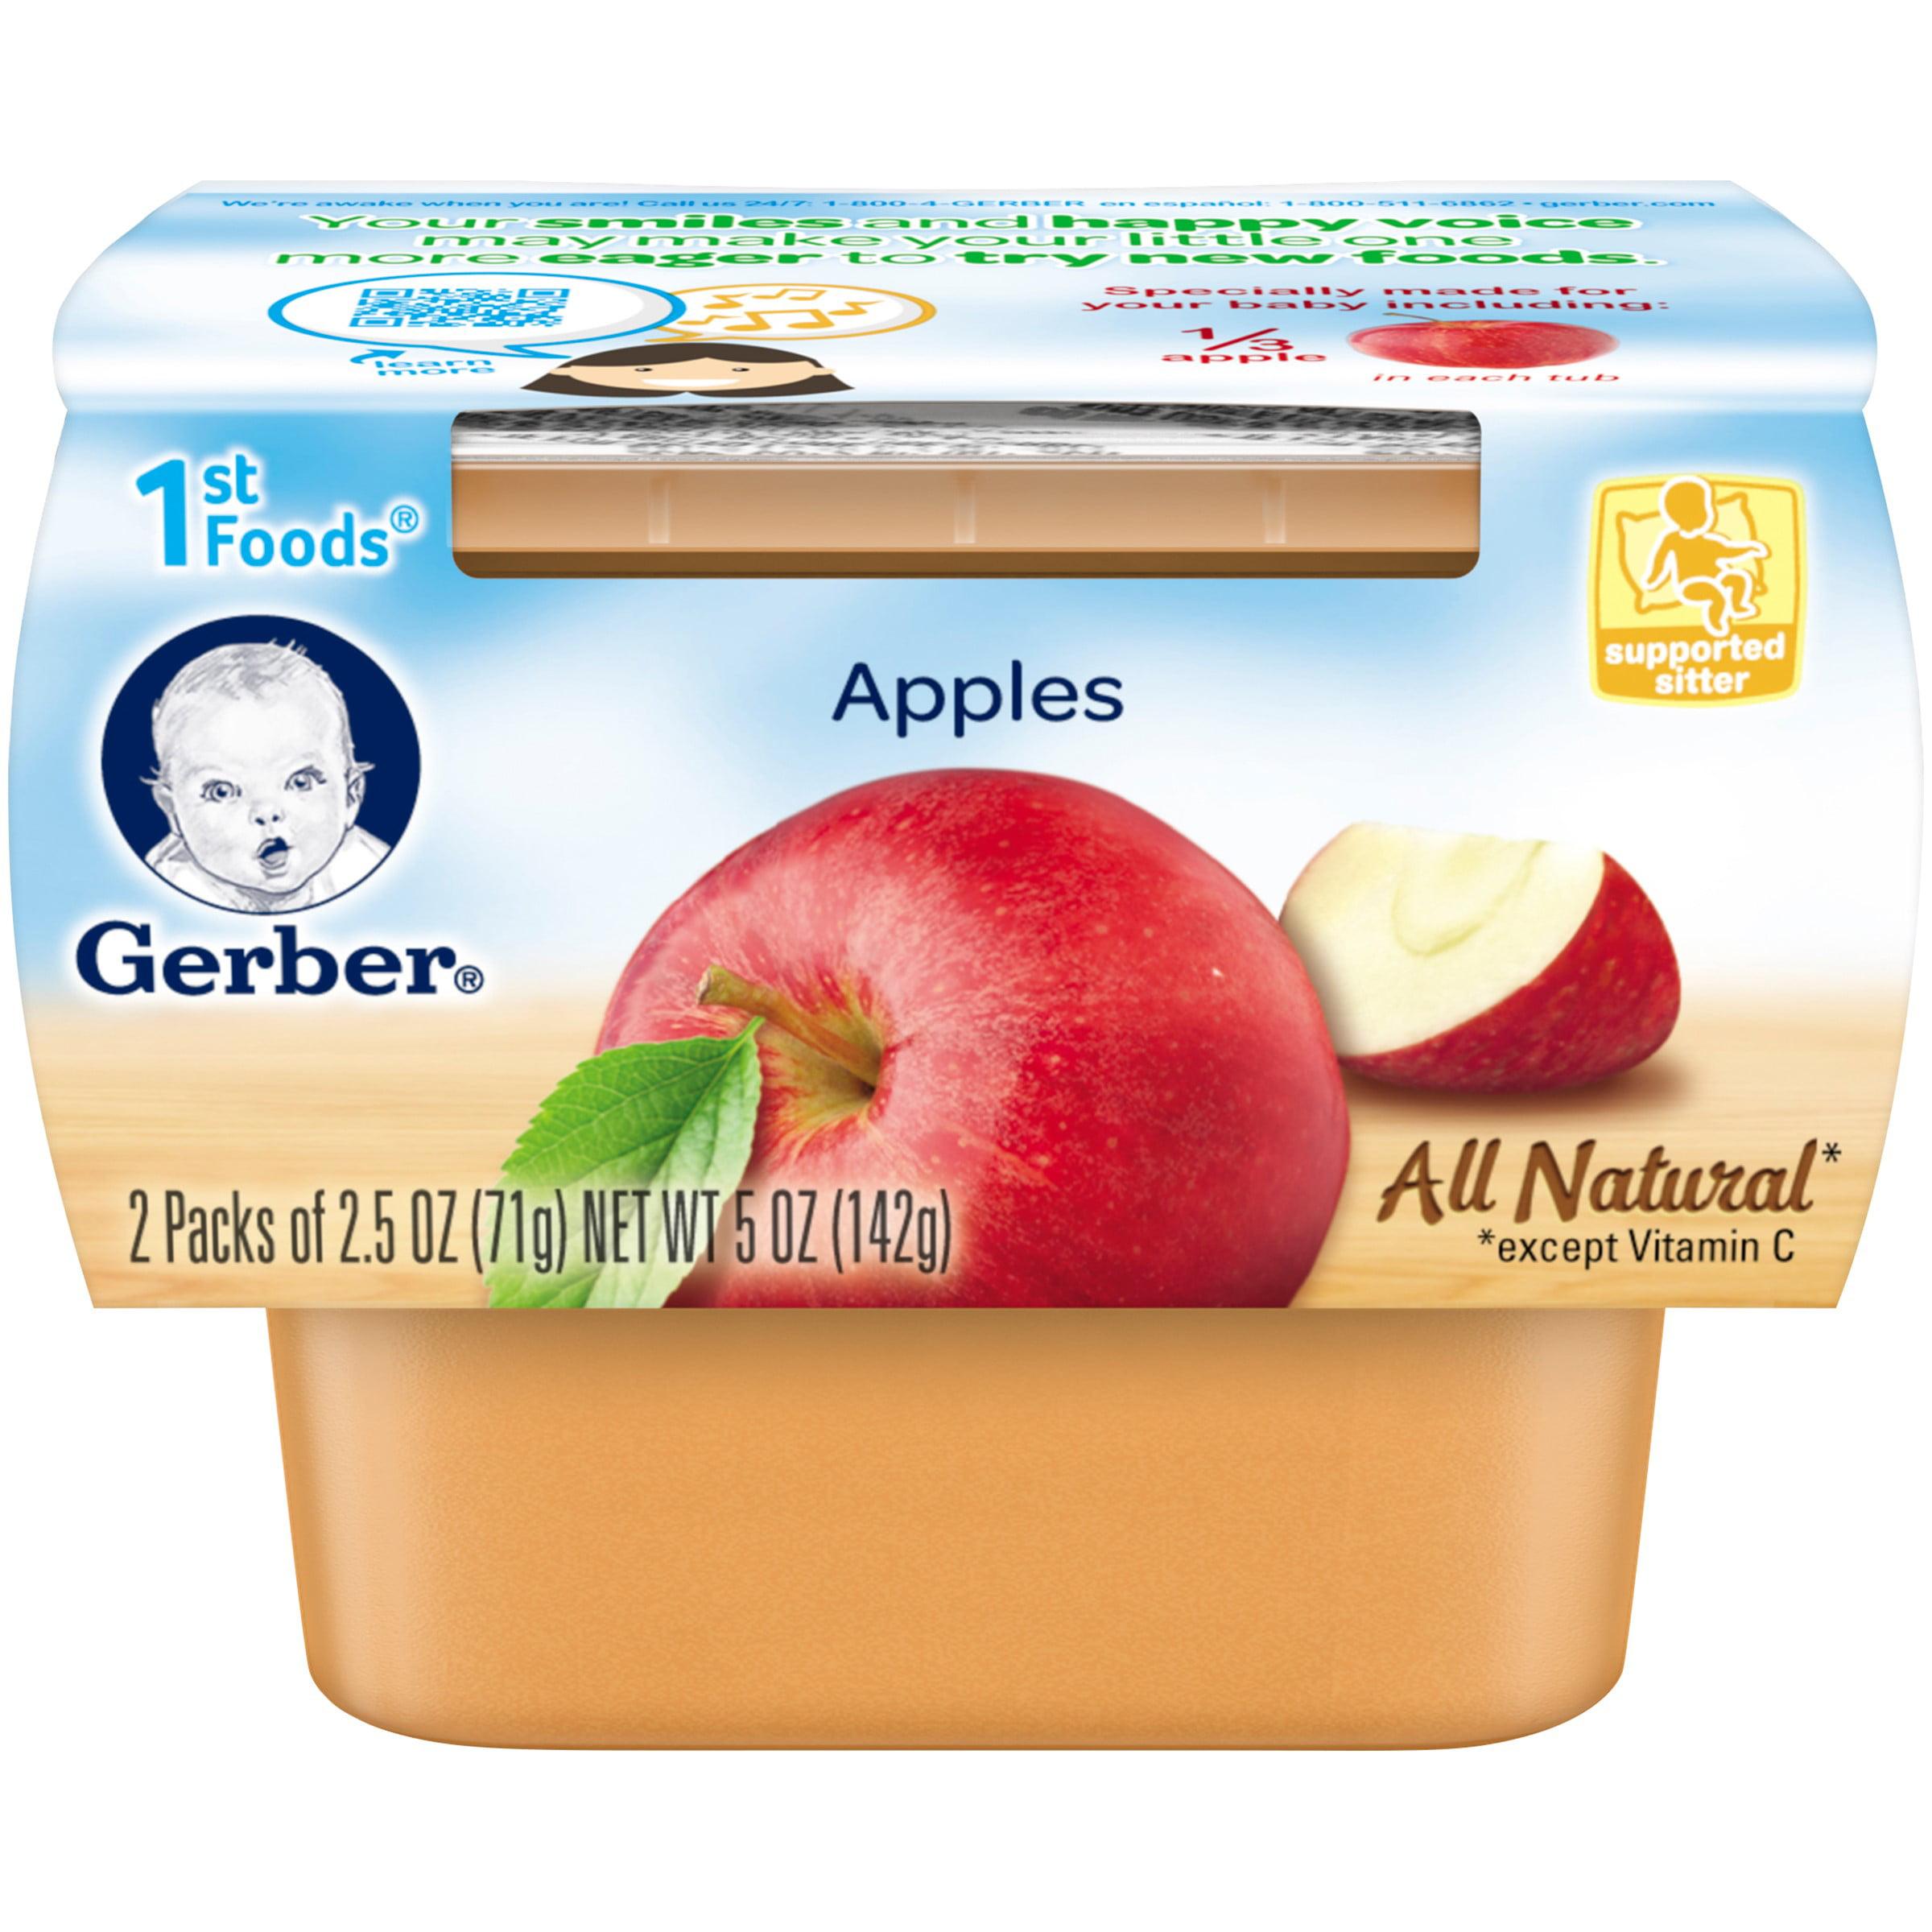 Baby Food Gerber Ingredients